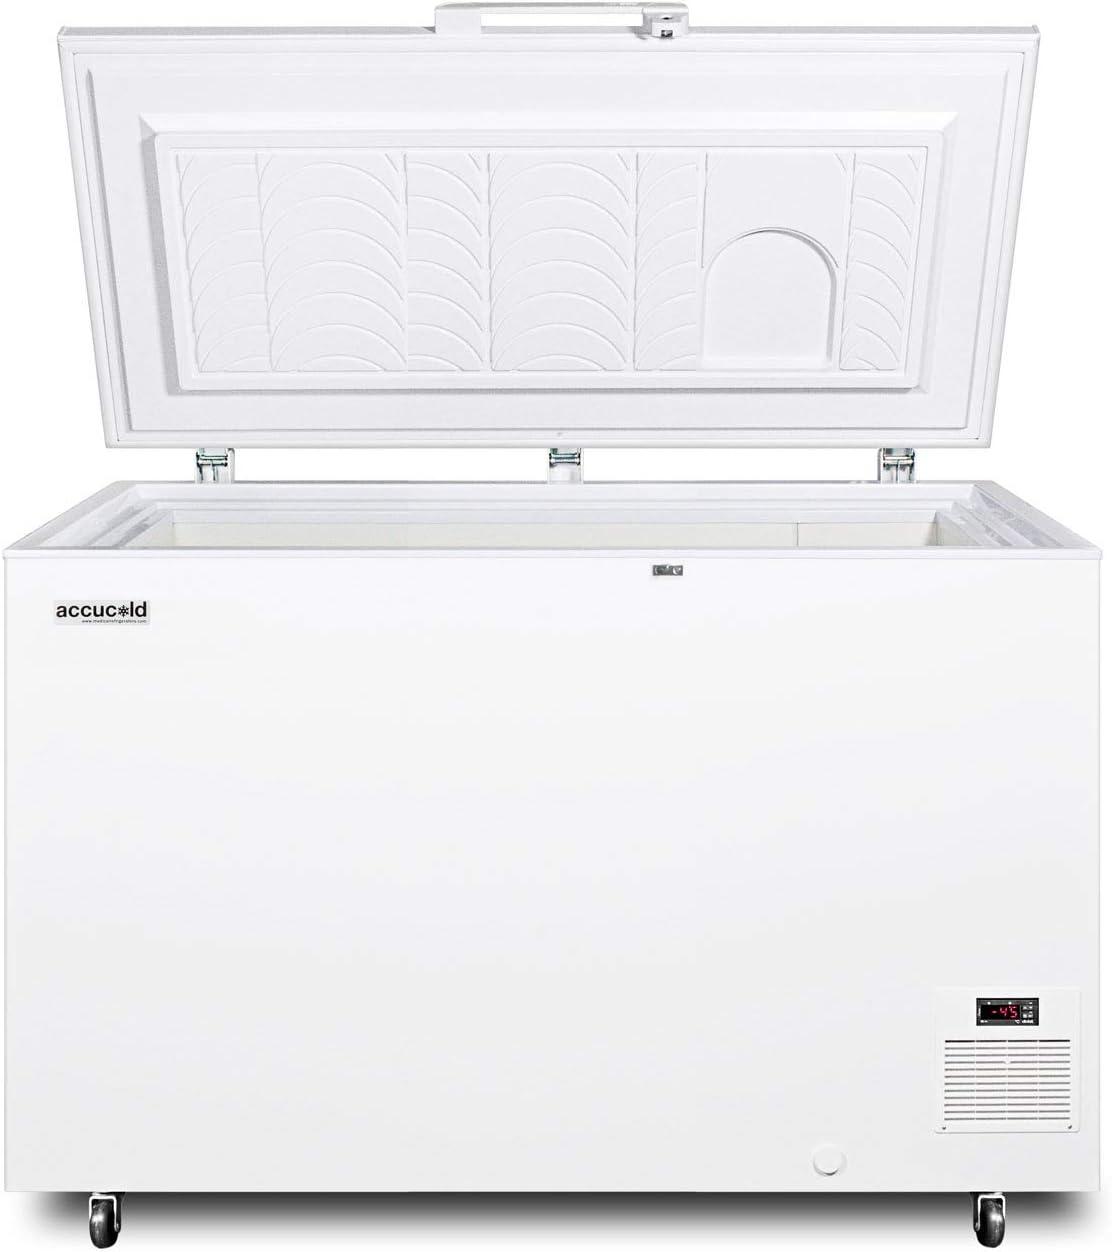 White Summit EL31LT Chest Freezer